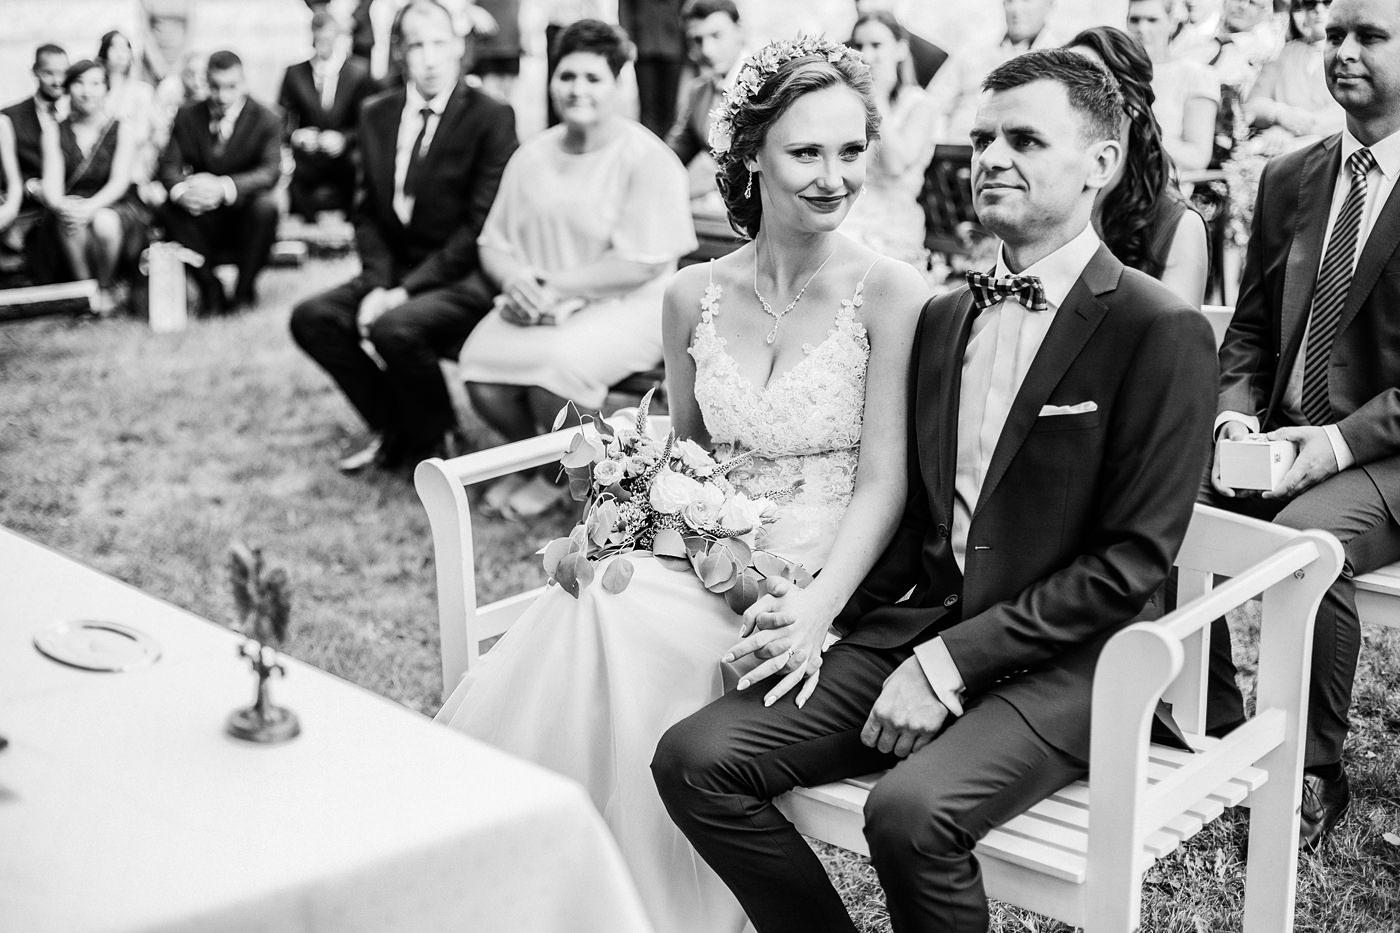 Anna & Wojtek - Ślub cywilny w plenerze - Barnówko w Sam Las 57